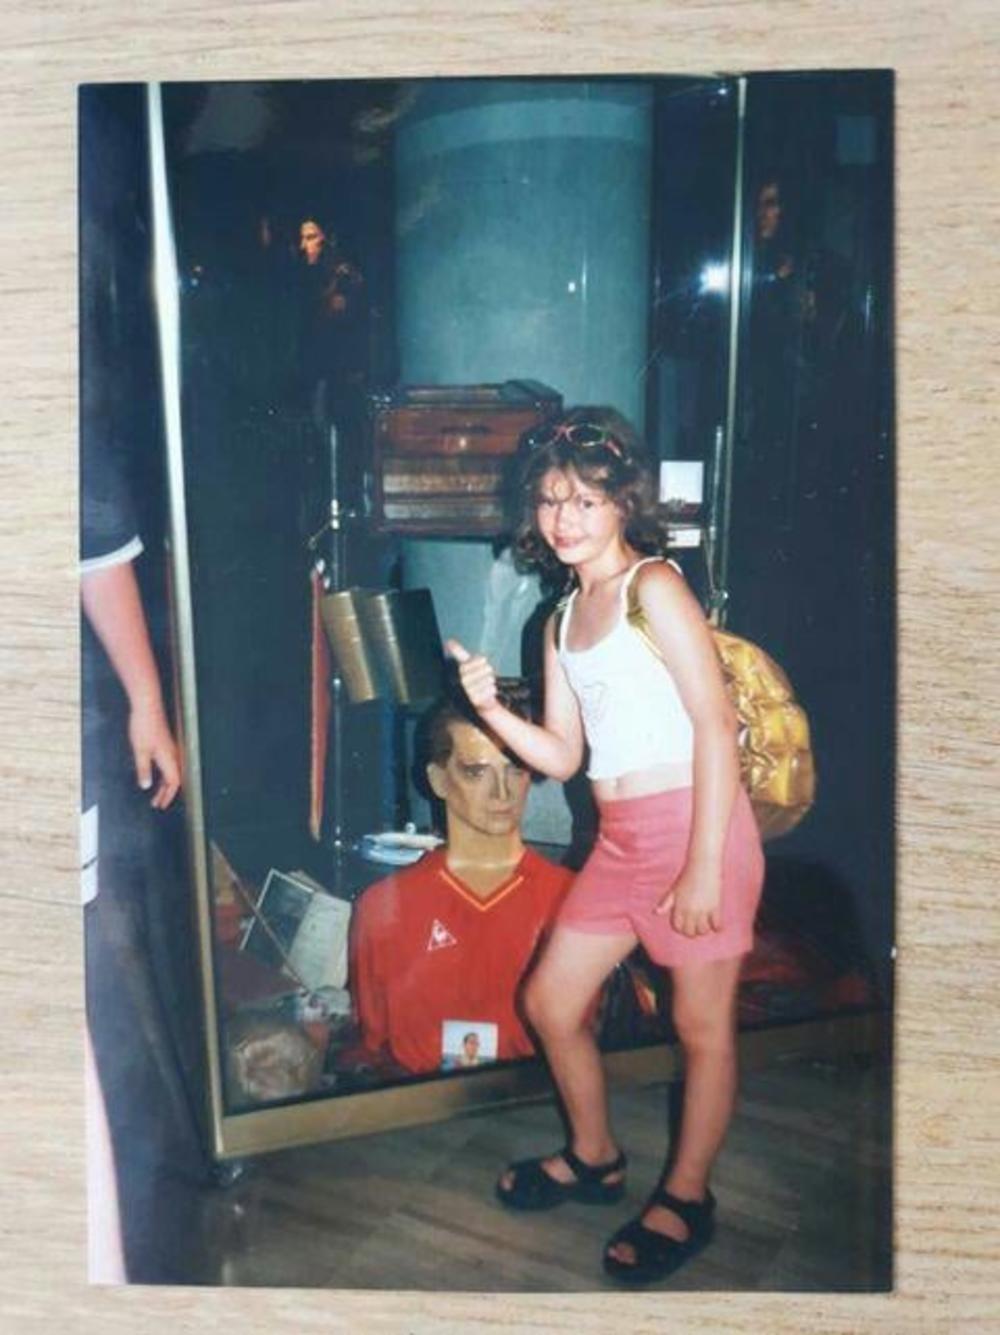 SADA PRAVI HAOS U ZADRUZI! Da li prepoznajete devojčicu na fotografiji?